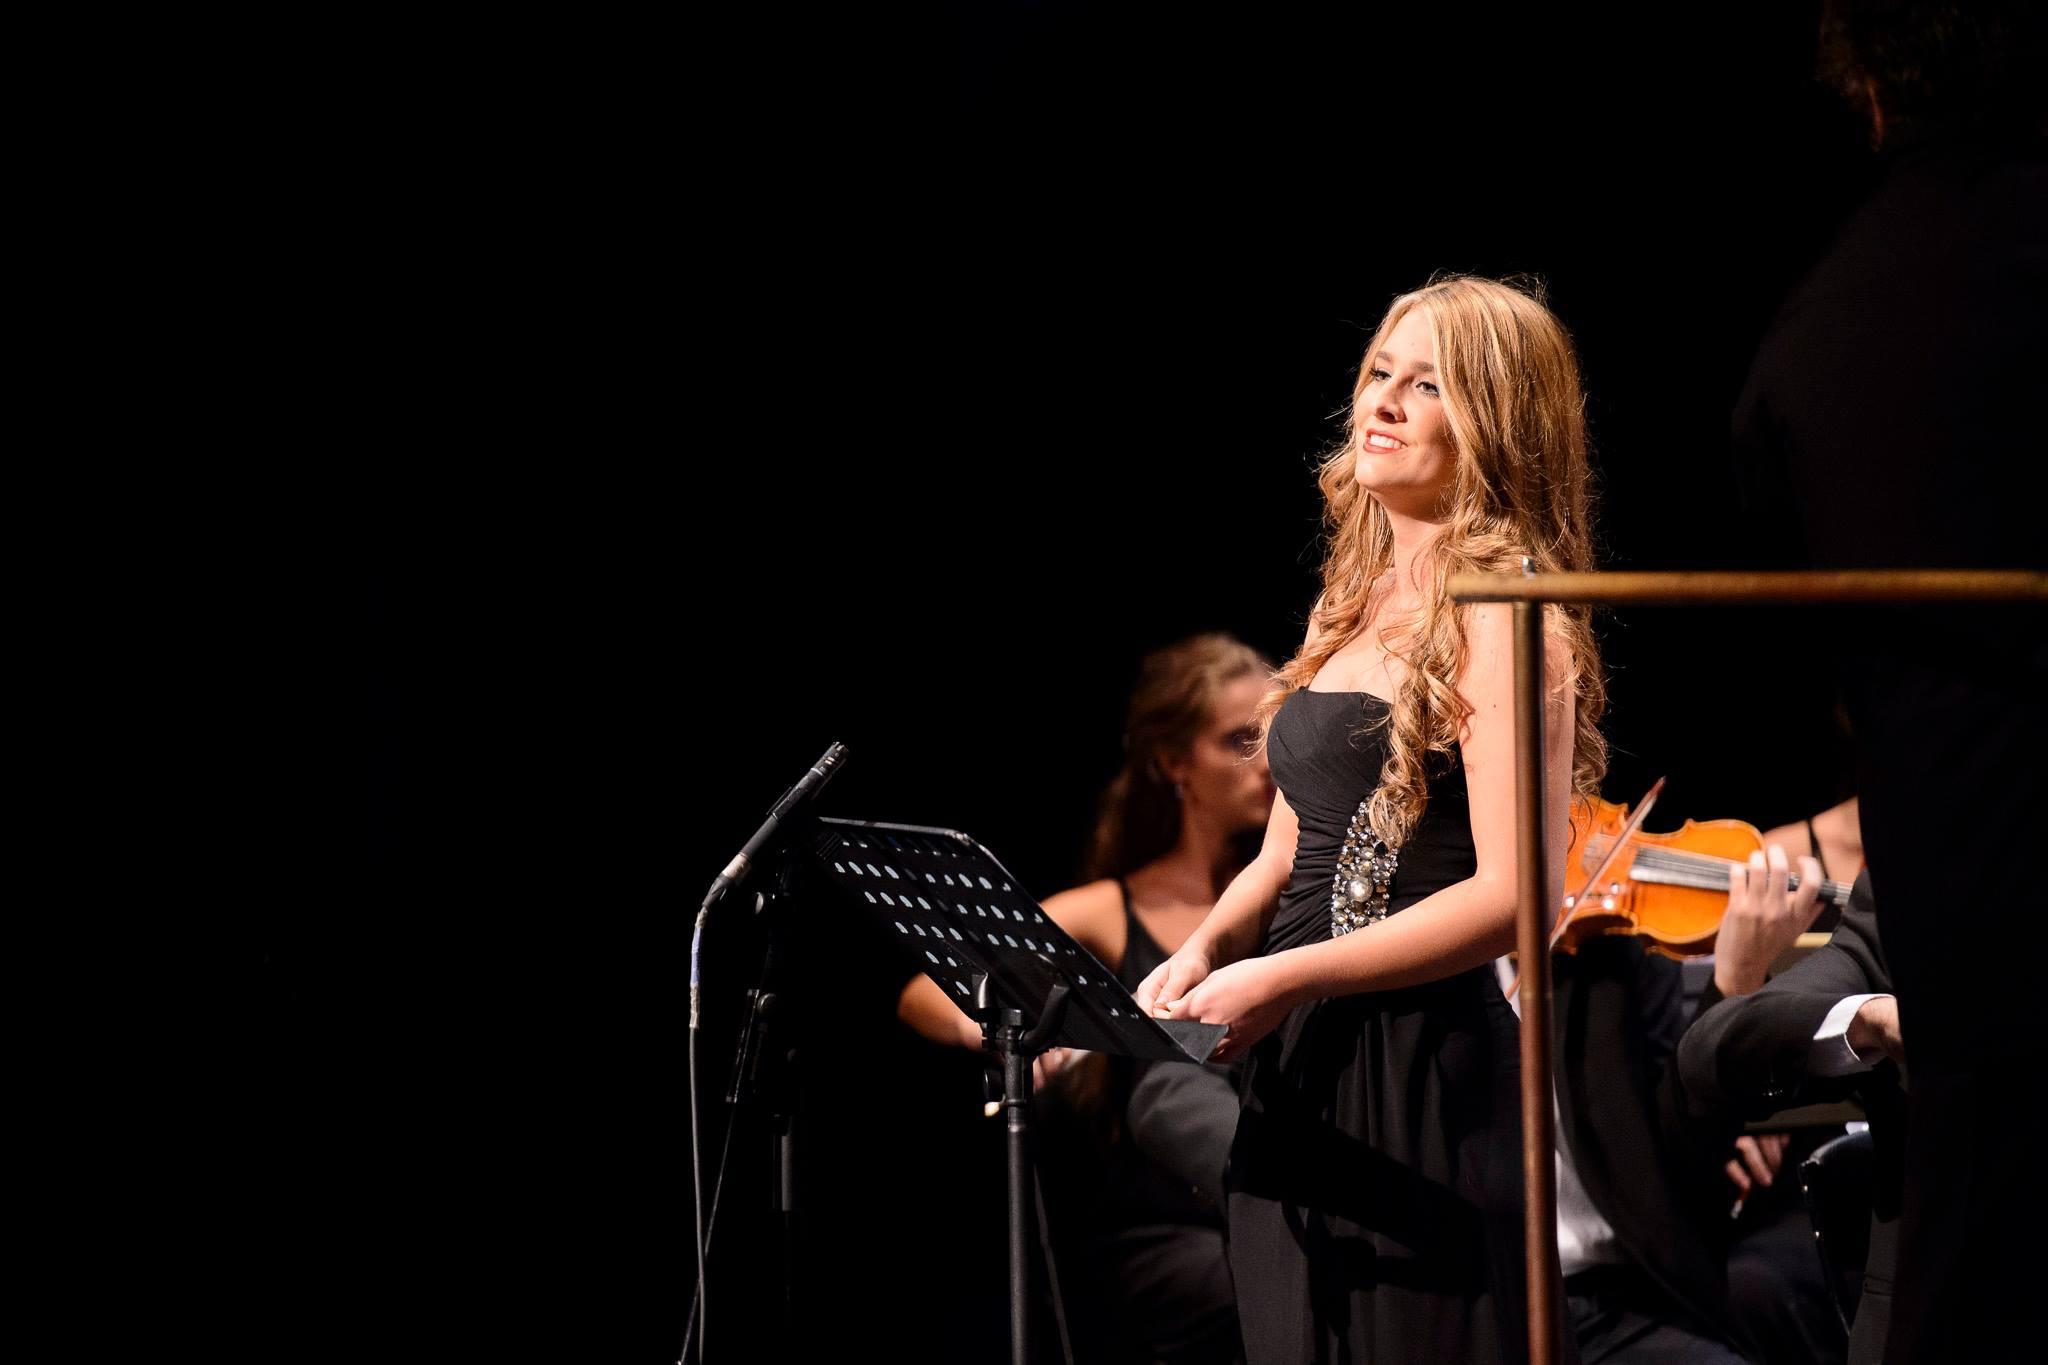 Sofía esparza, Orquesta